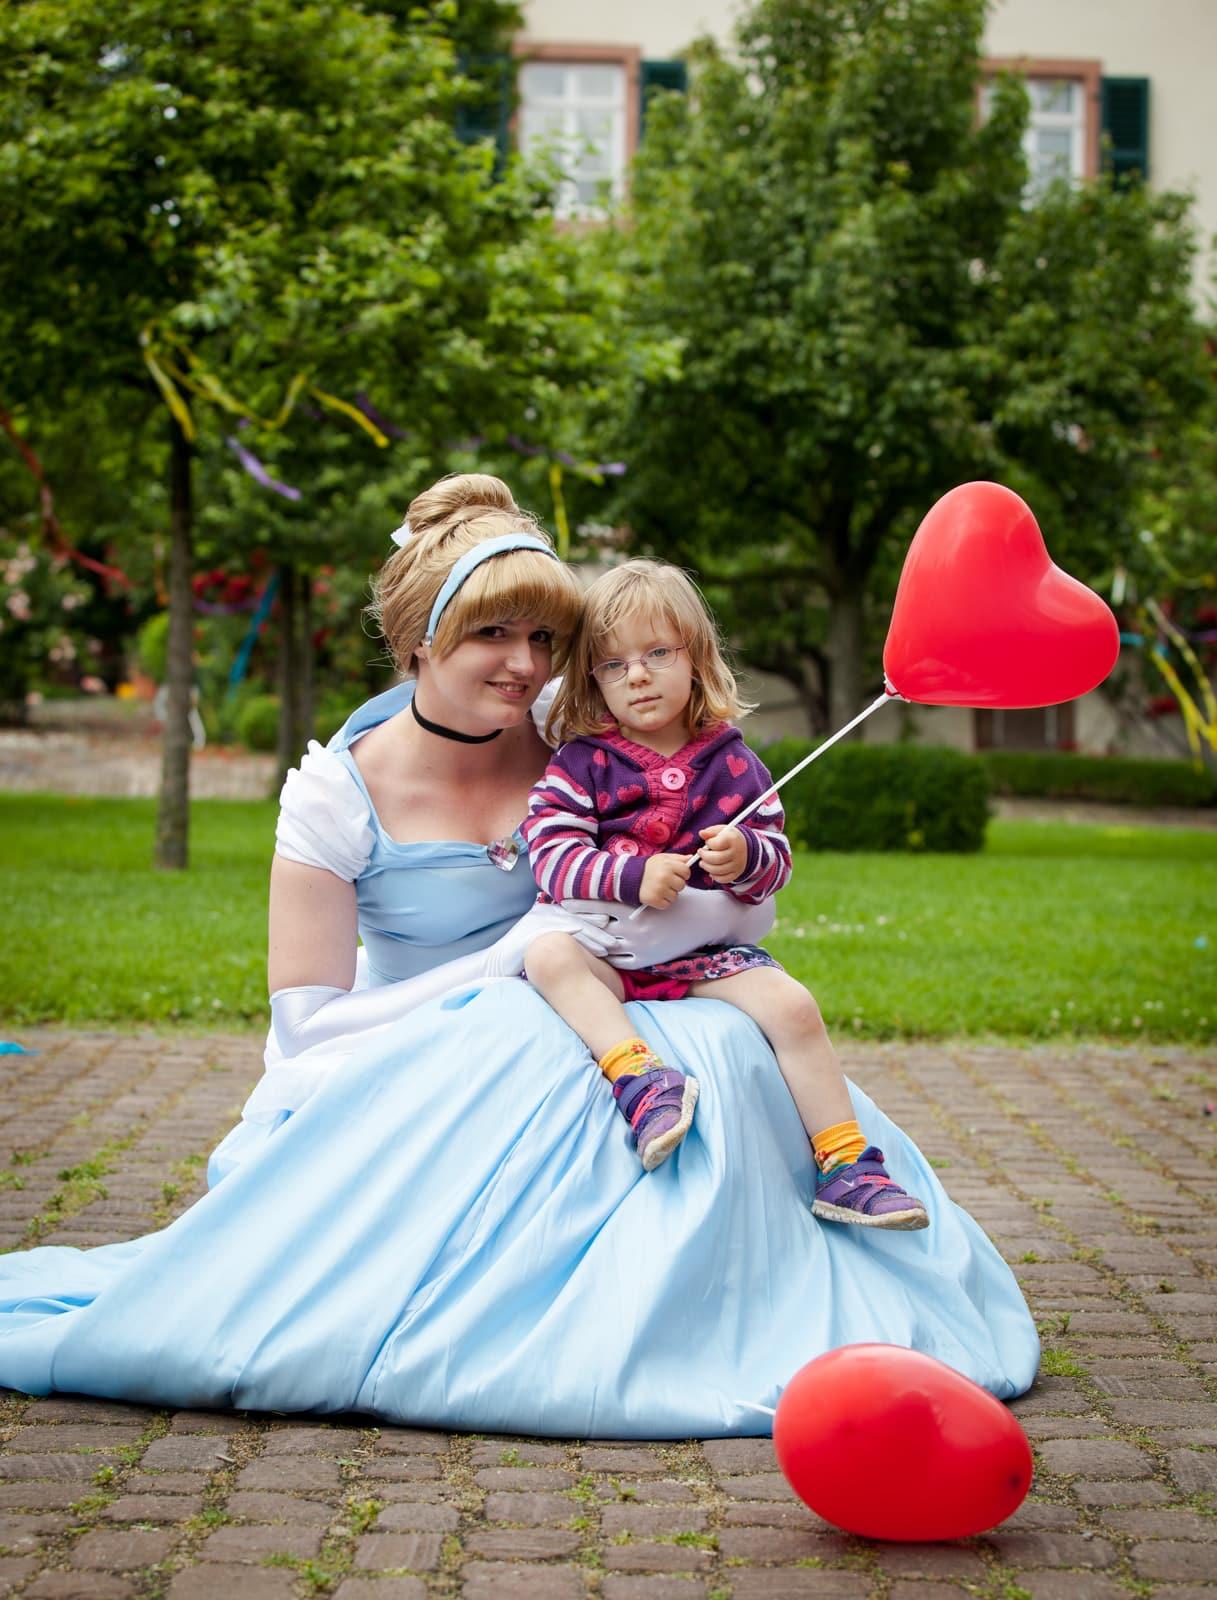 Eine Prinzessin hat ein Kind auf ihrem Schoss